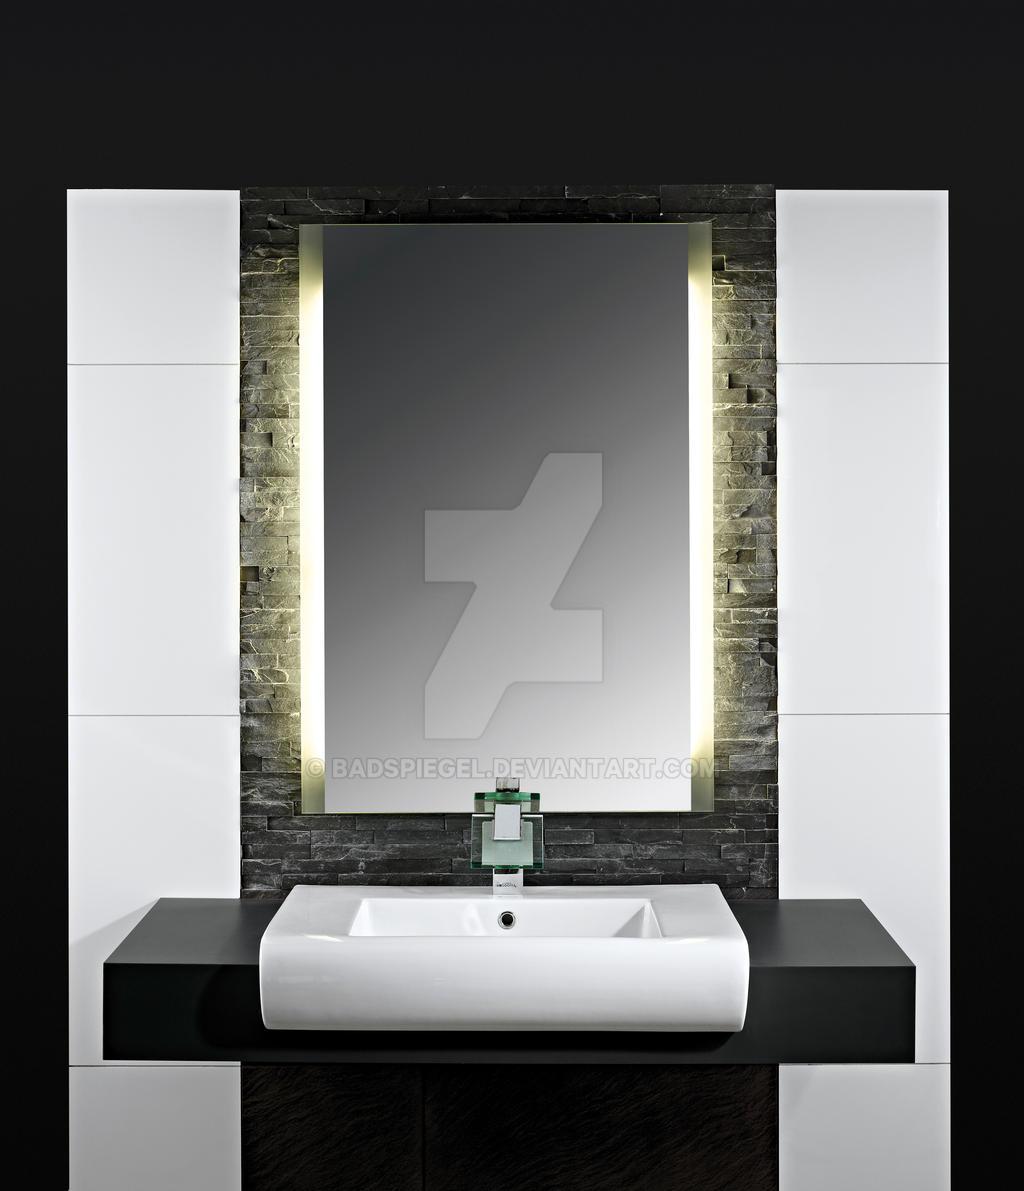 leuchtspiegel nach mass lisborn by badspiegel on deviantart. Black Bedroom Furniture Sets. Home Design Ideas